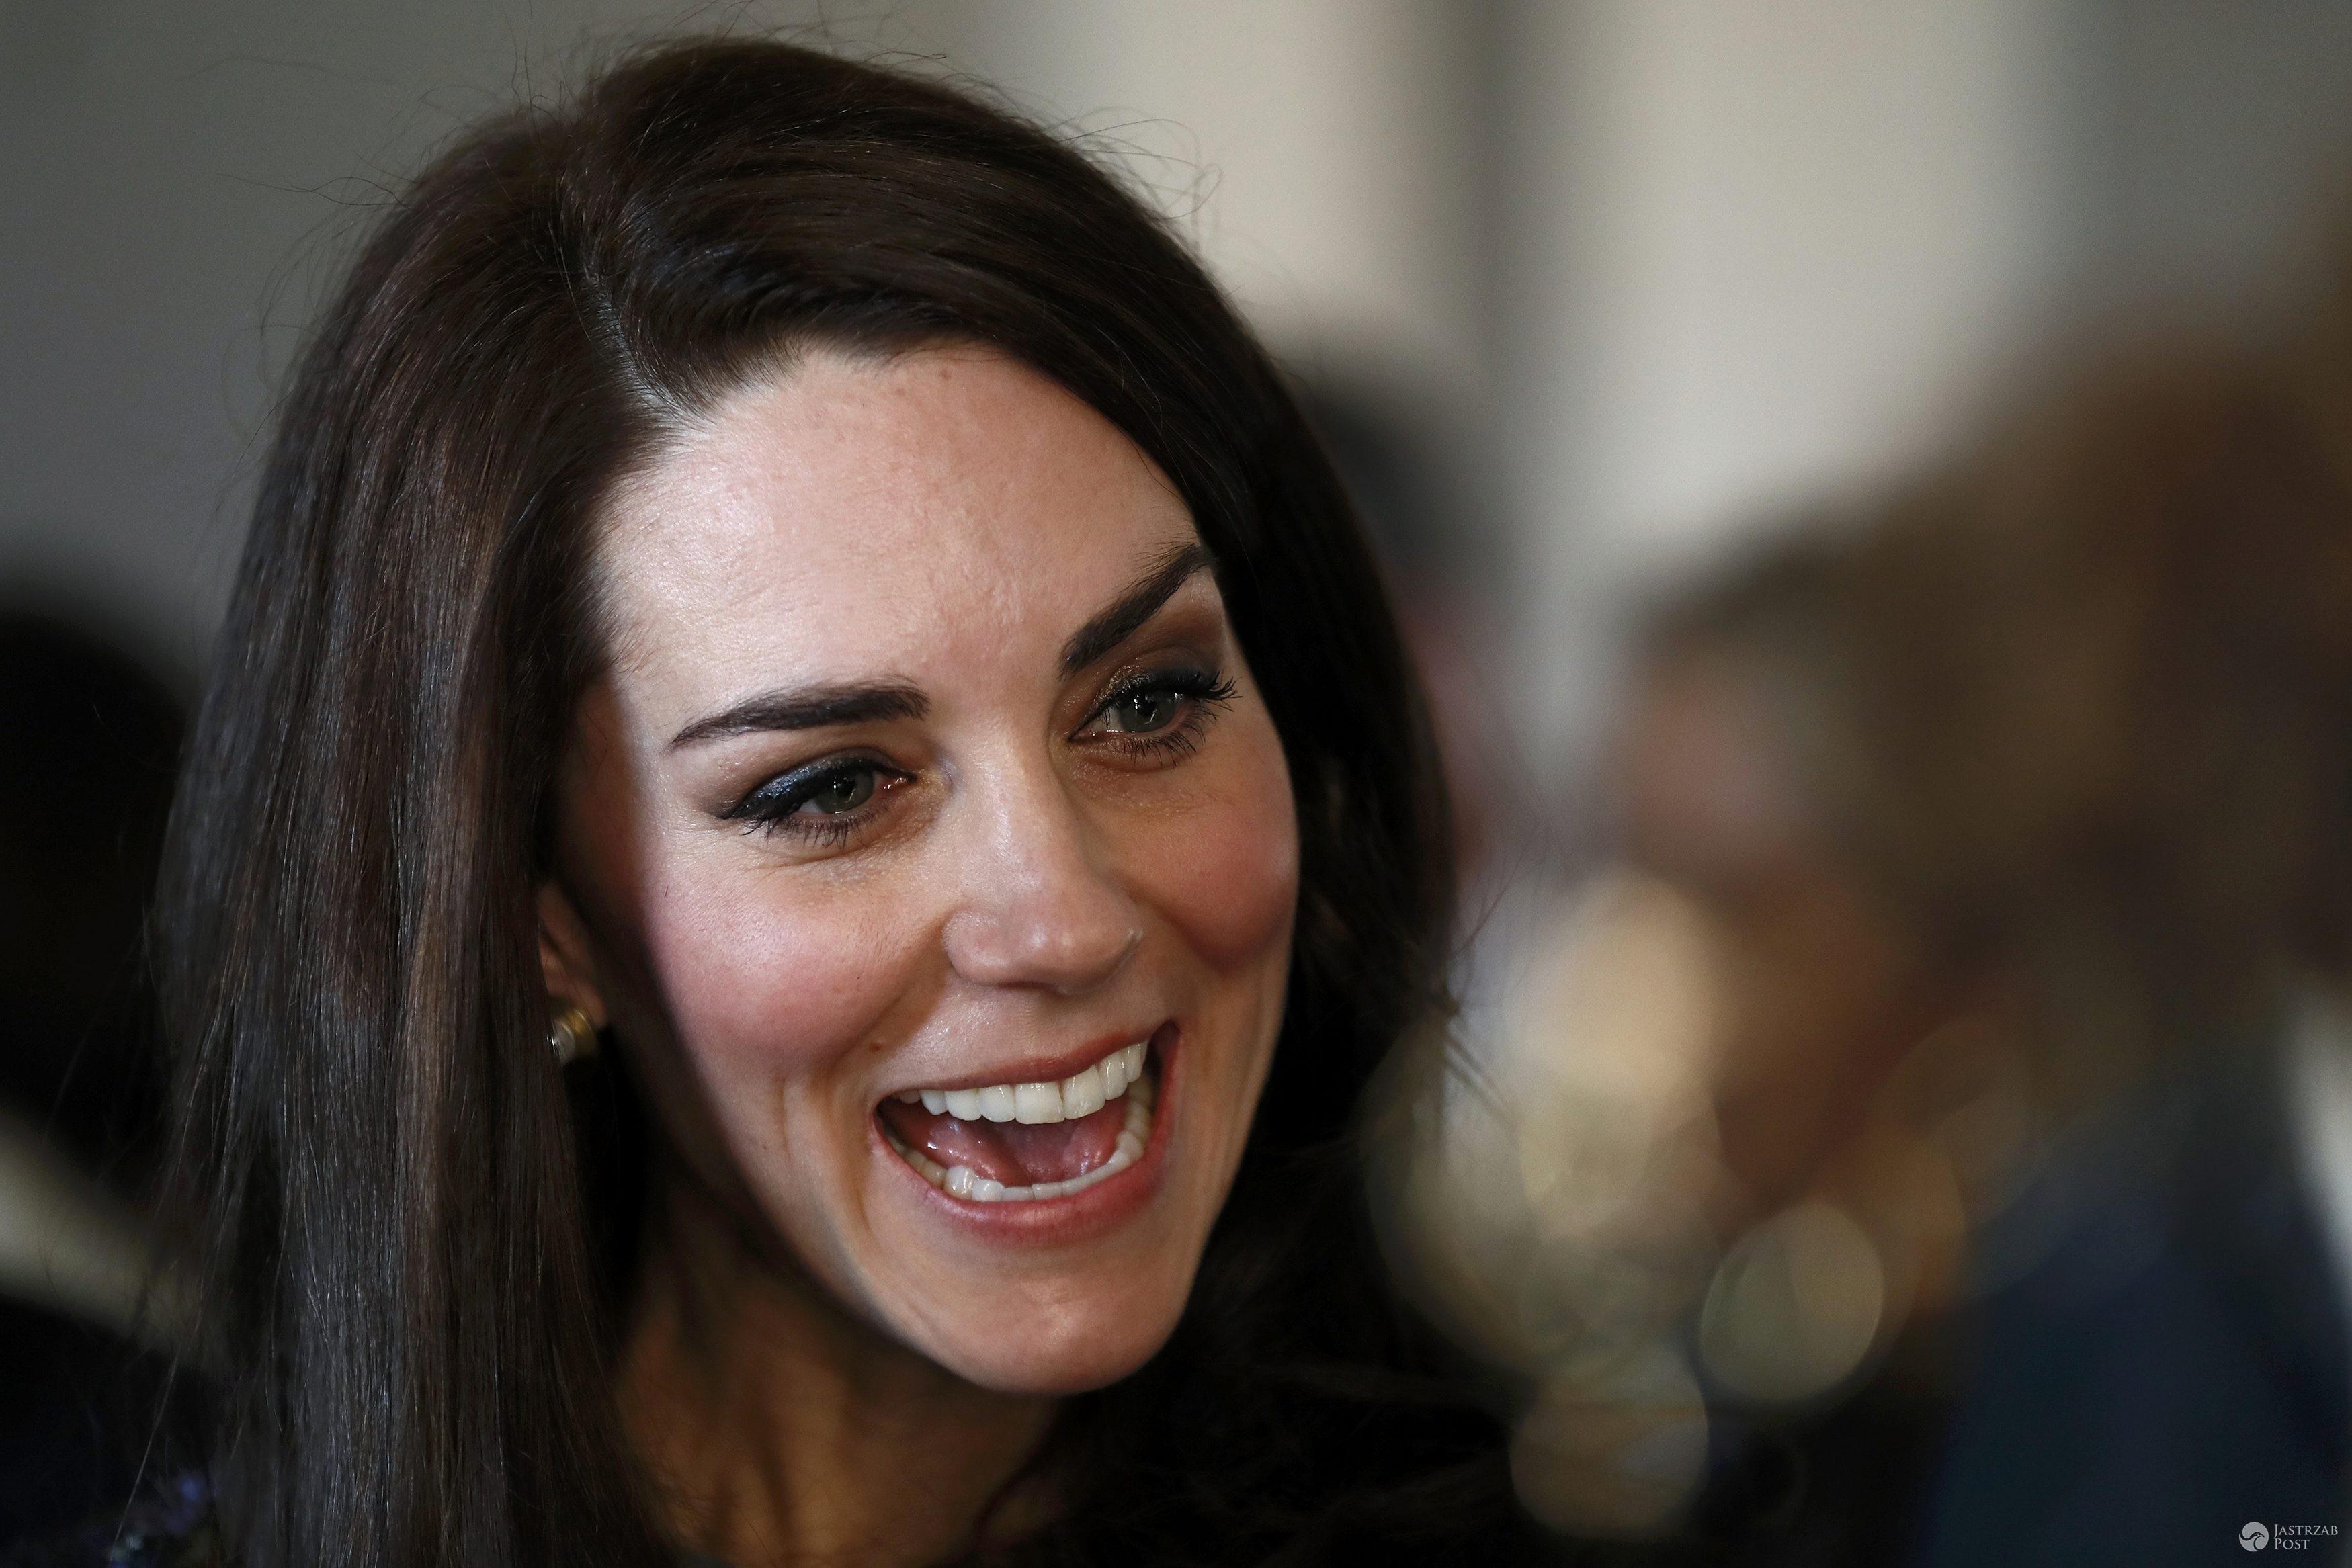 Reakcja księżnej Kate na wypowiedź Williama